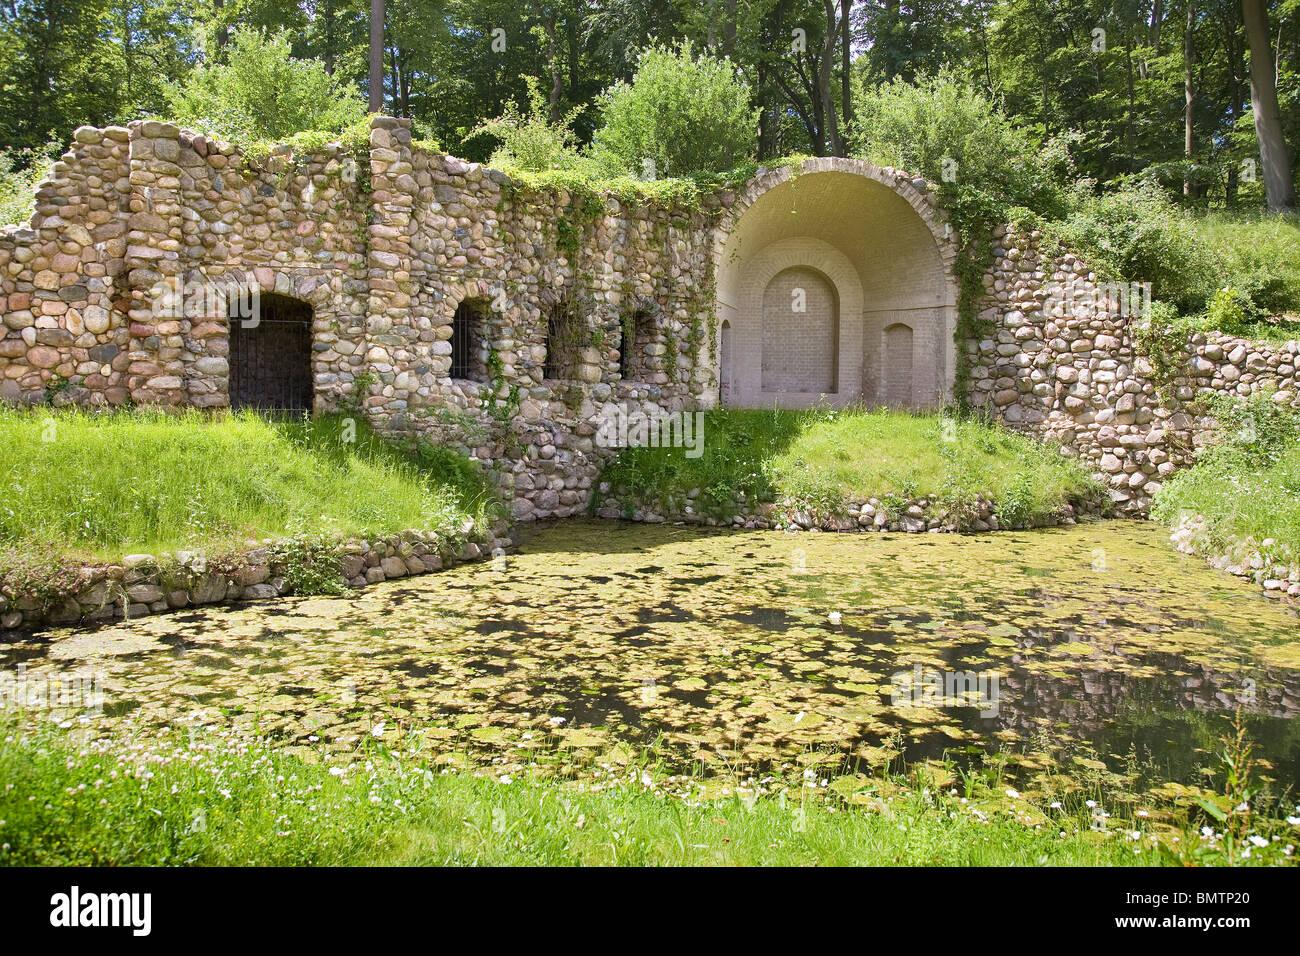 Schloss Rheinsberg, Brandenburg, Germany – Grotte der Egeria - Stock Image